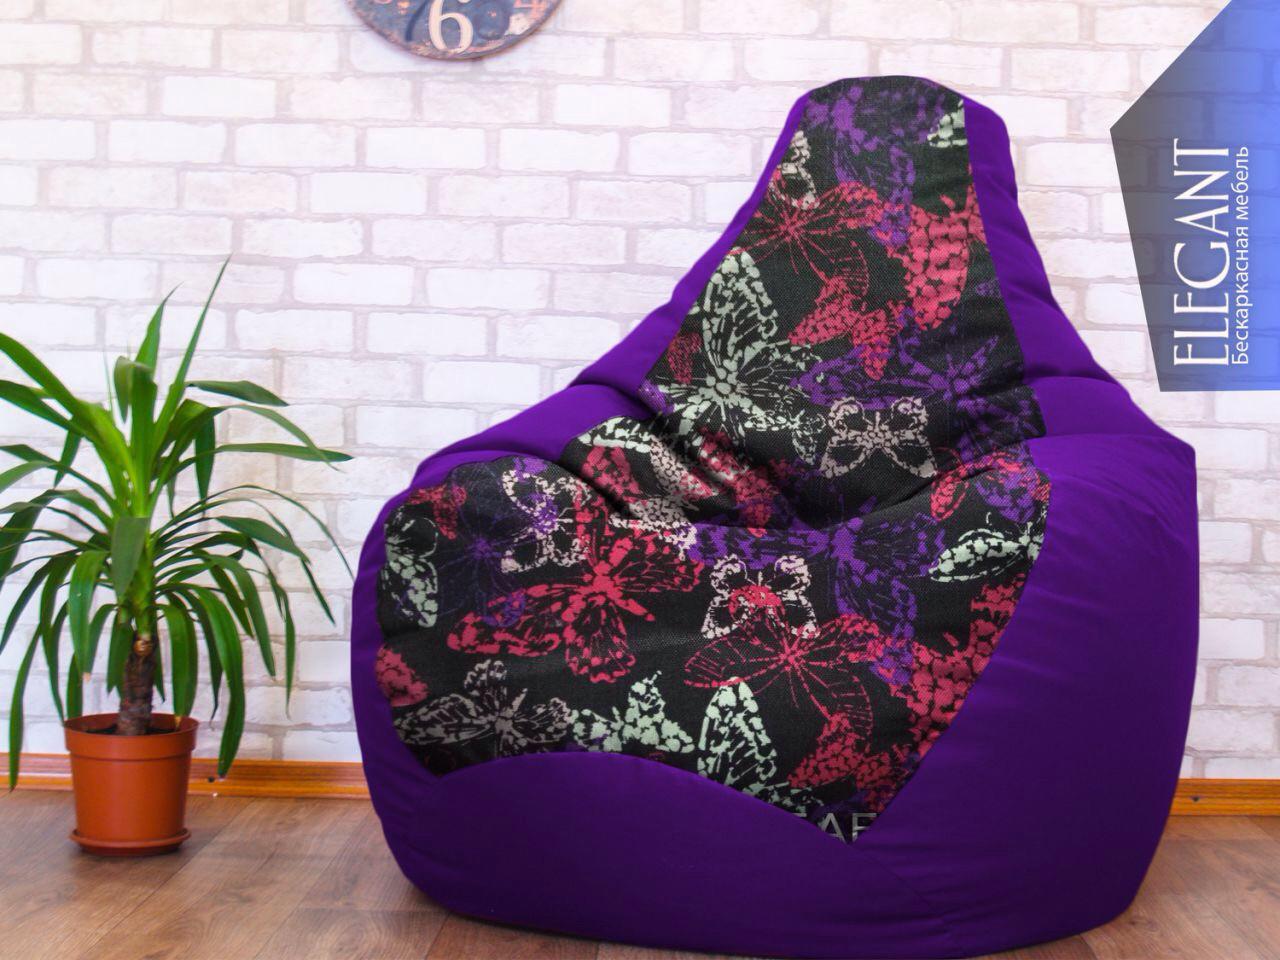 Кресло мешок Exclusive, кресло Груша, бескаркасный пуф, бескаркасная мебель Loft, мебель для кафе